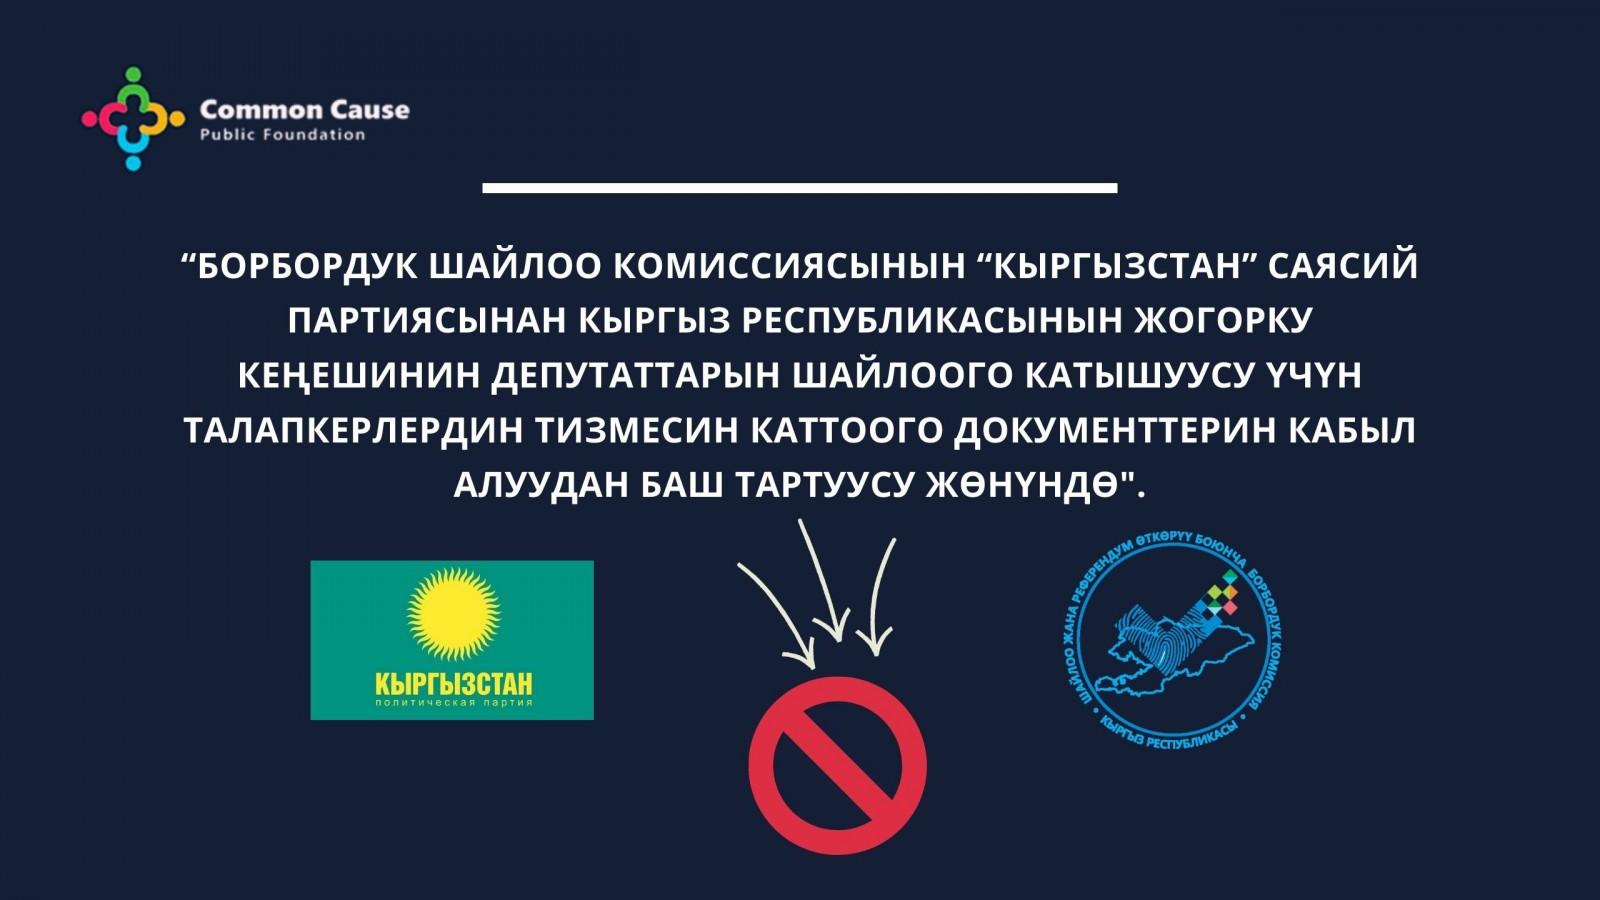 """""""Кыргызстан"""" саясий партиясын шайлоого кантип киргизген"""